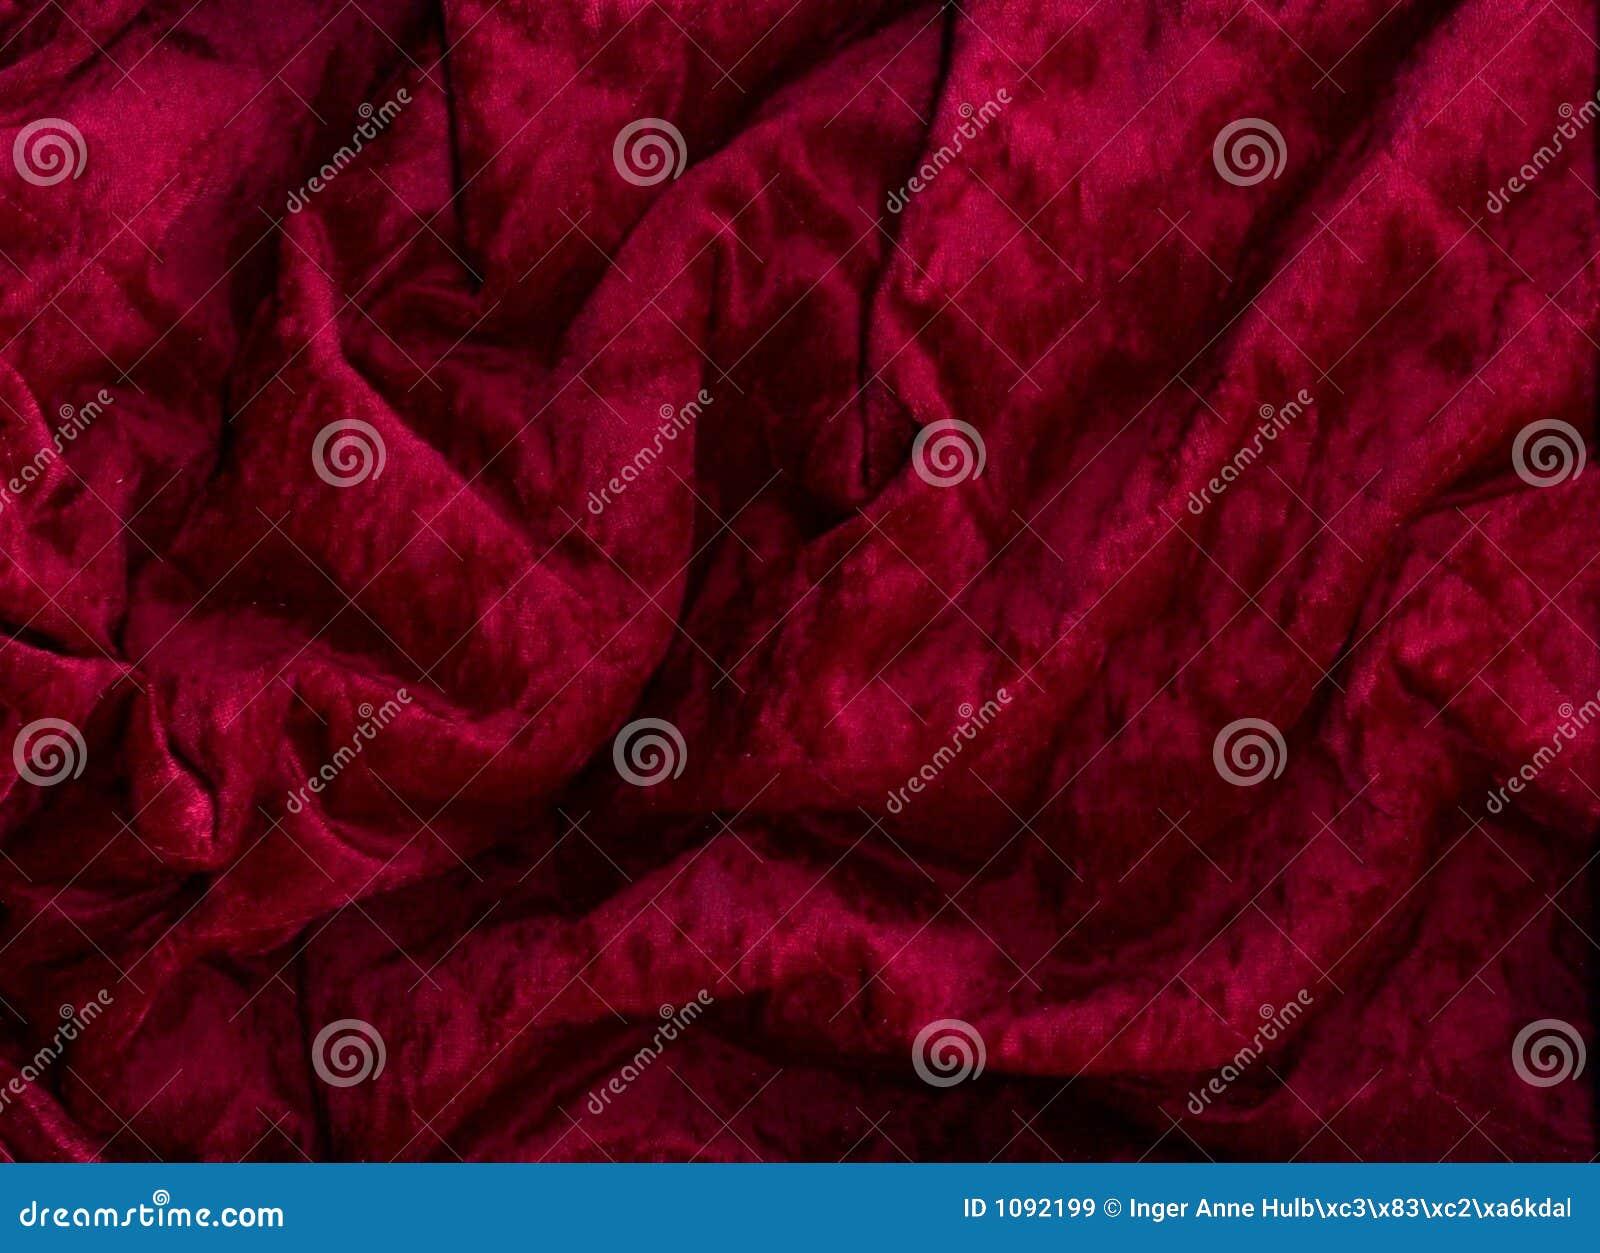 бархат burgundy